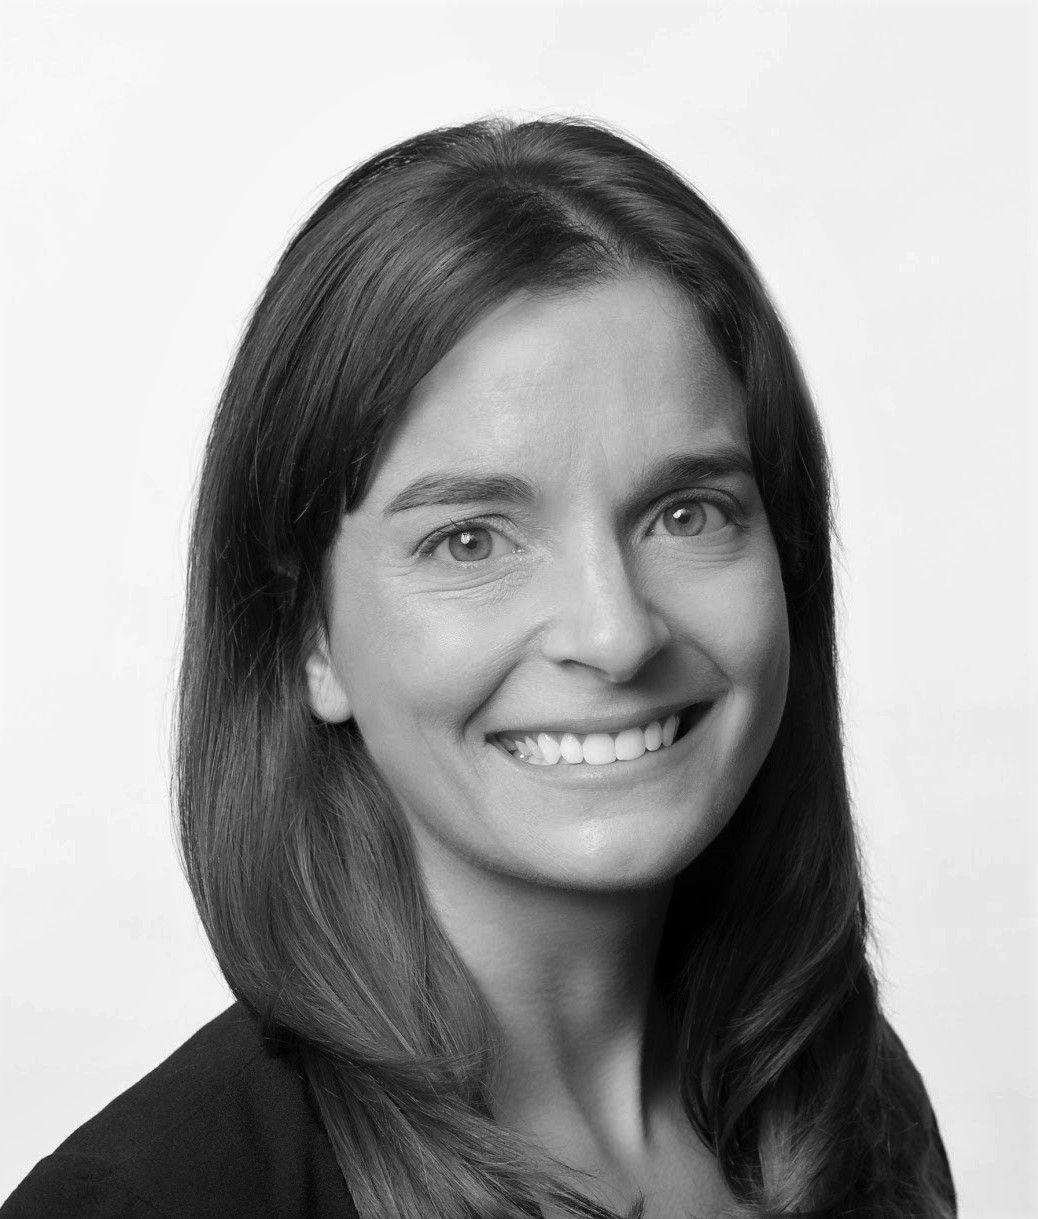 Sara Ciarelli Walsh